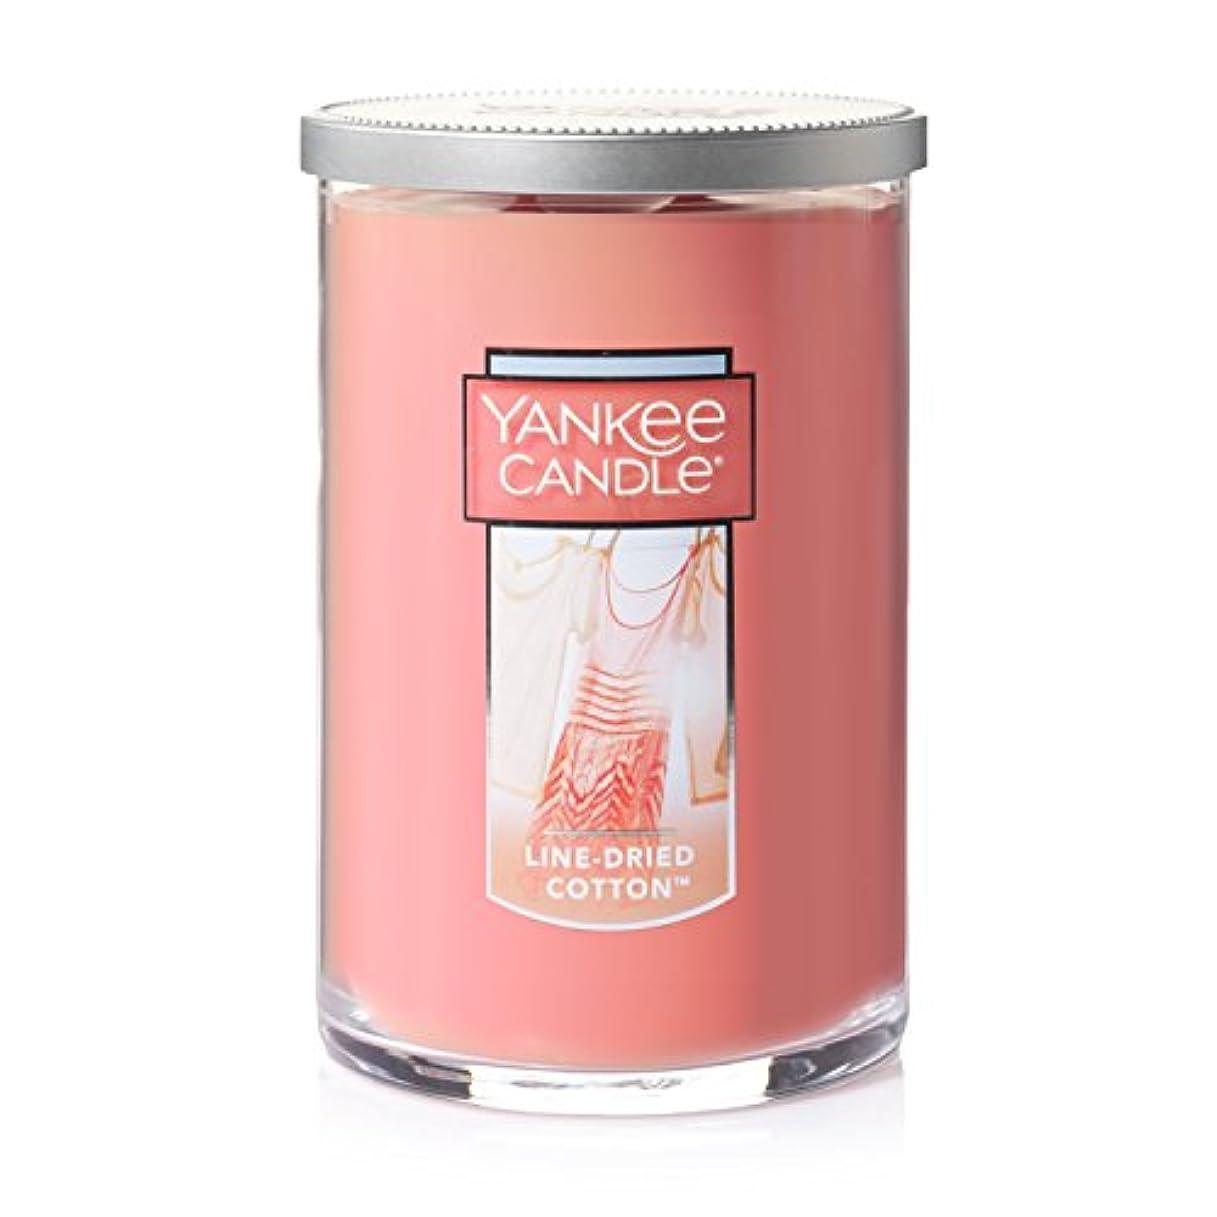 パース洪水資格情報Yankee Candle Jar Candle、line-driedコットン Large 2-Wick Tumbler Candle ピンク 1351643